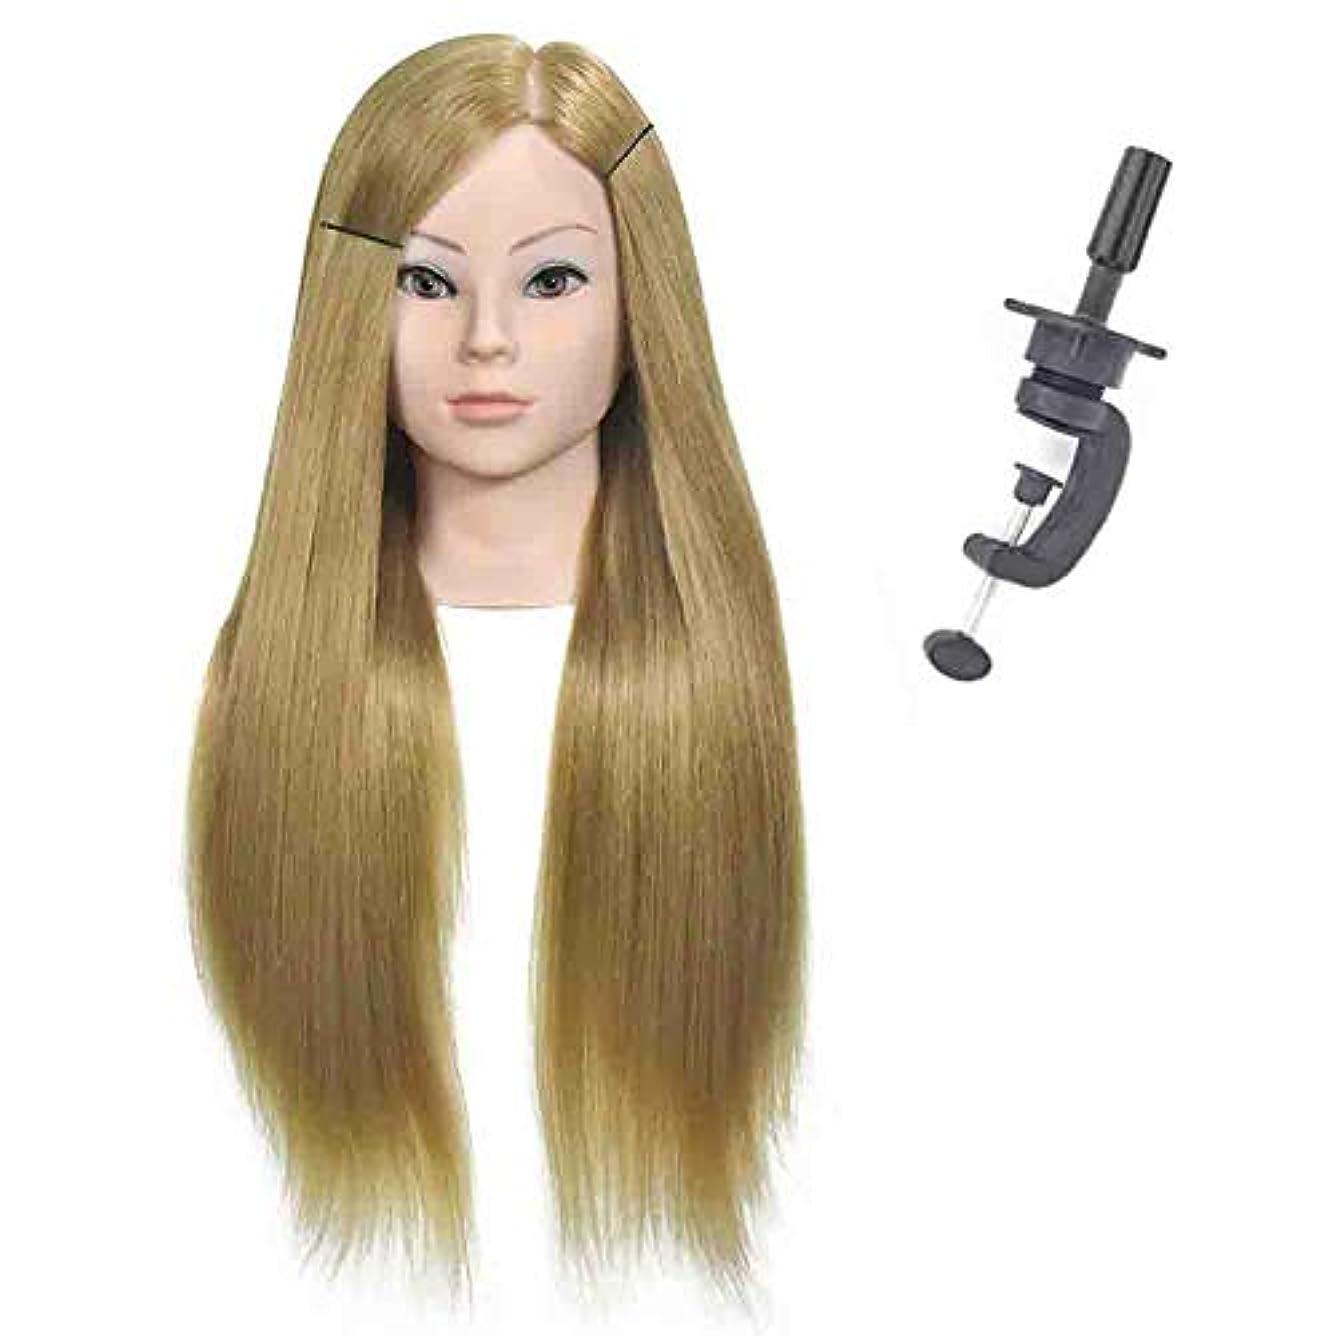 トランク加害者静的花嫁メイクモデリング教育ヘッド本物の人物ヘアダミーヘッドモデル理髪店学習パーマ髪染めモデルヘッド